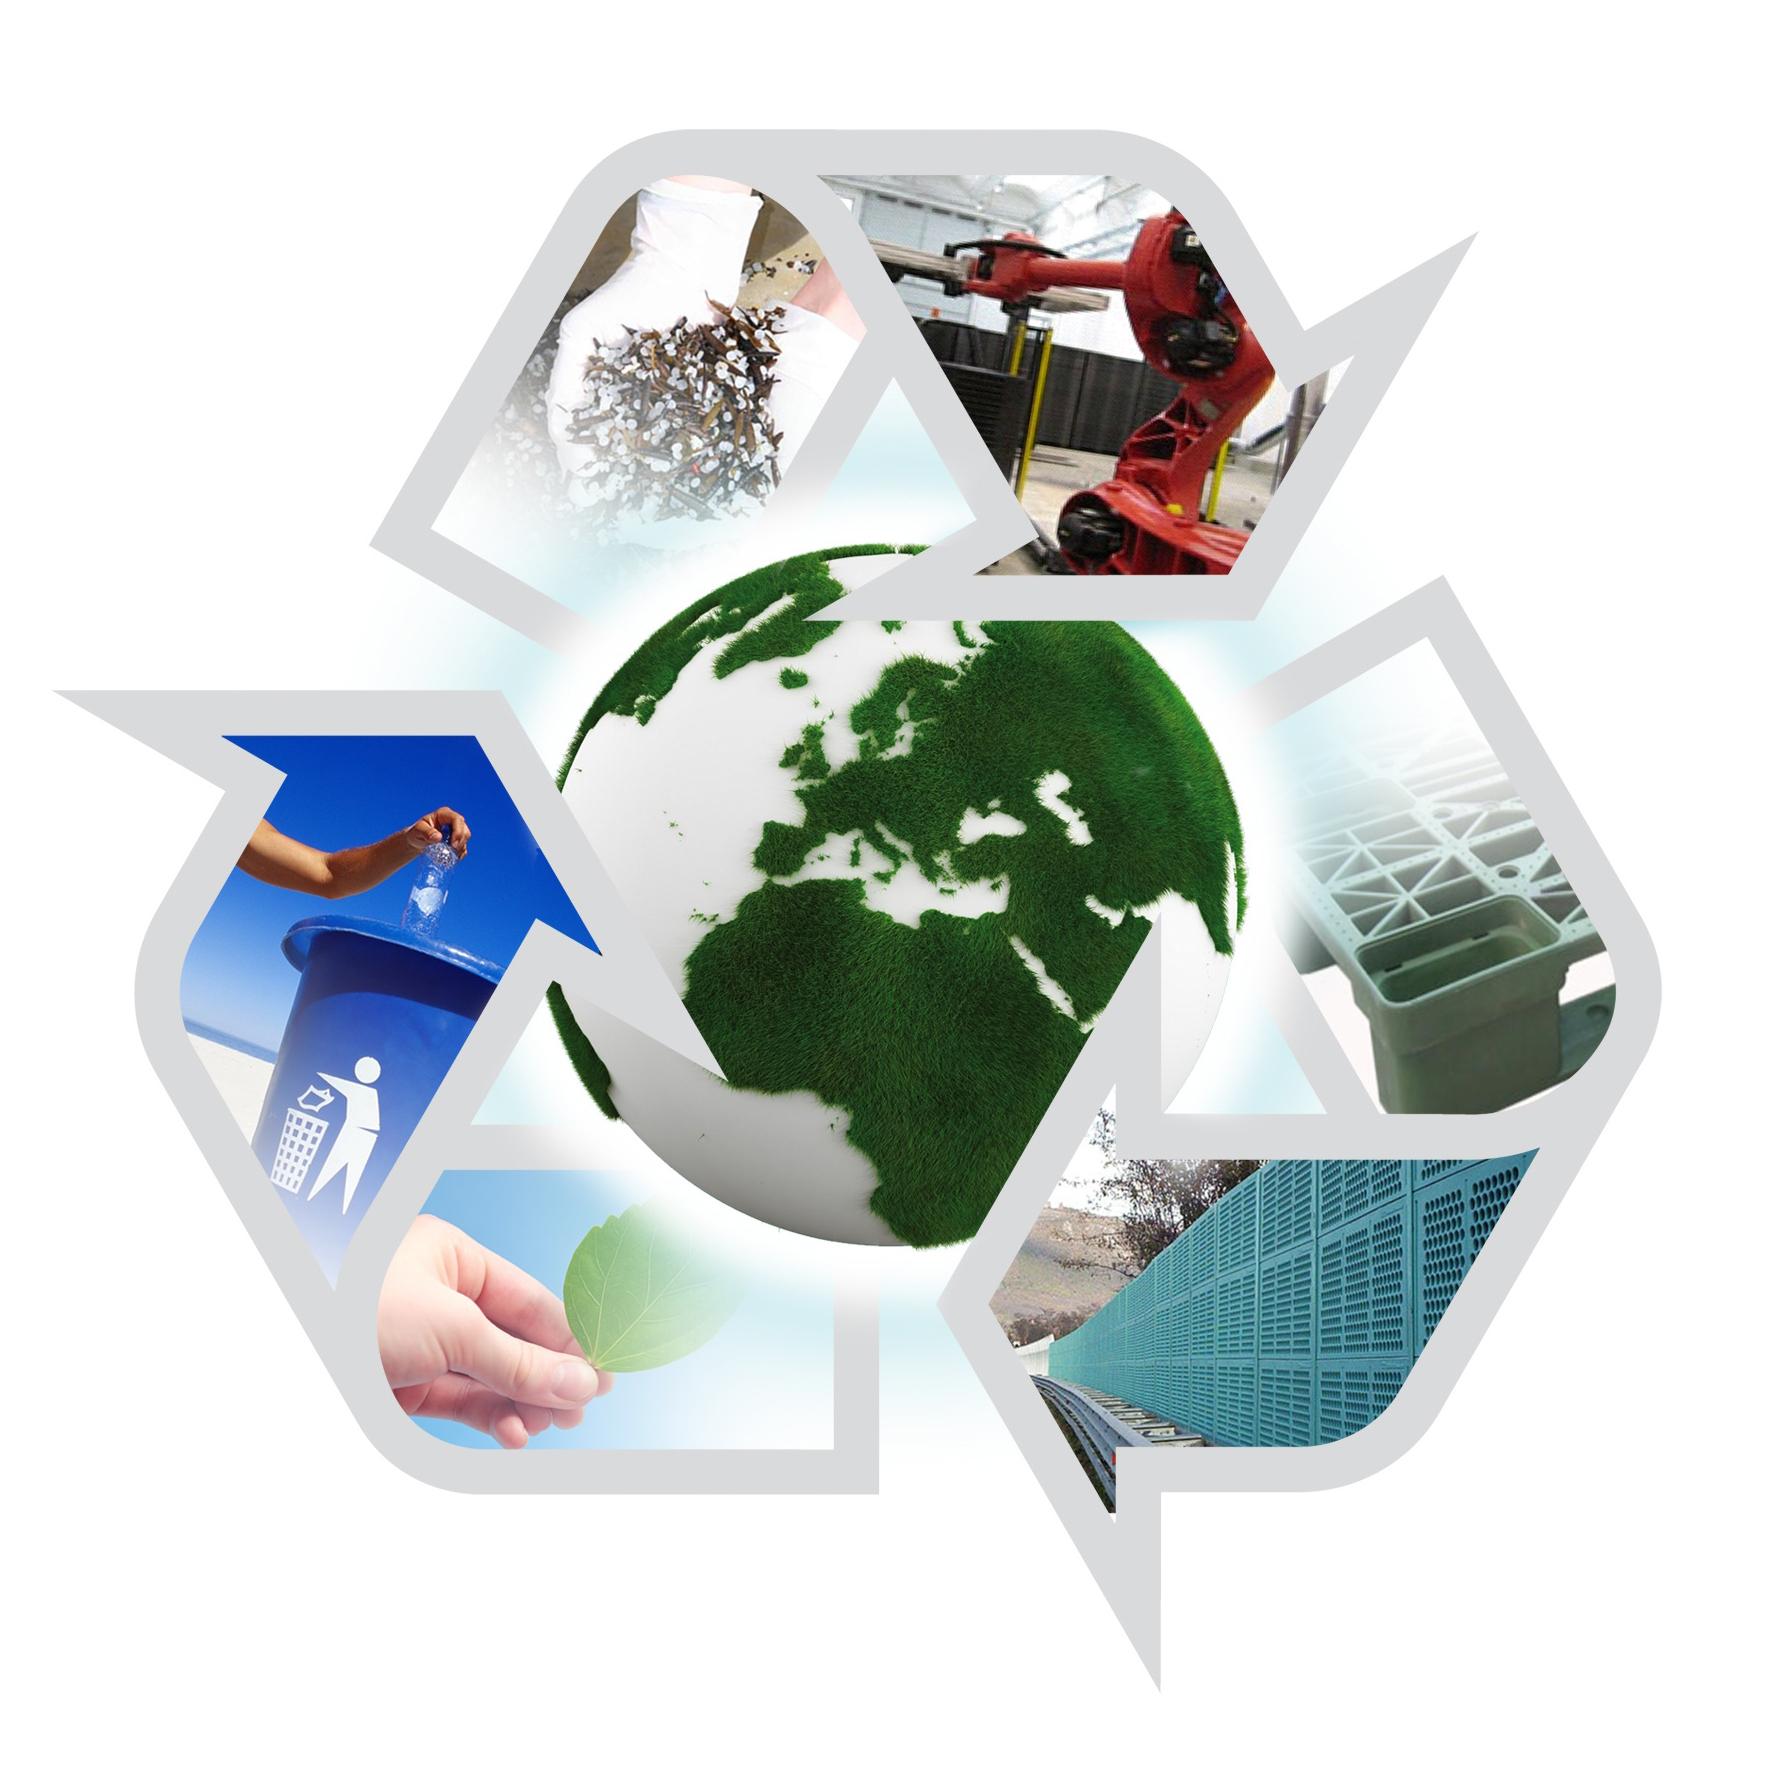 Ambiente innovazione sviluppo